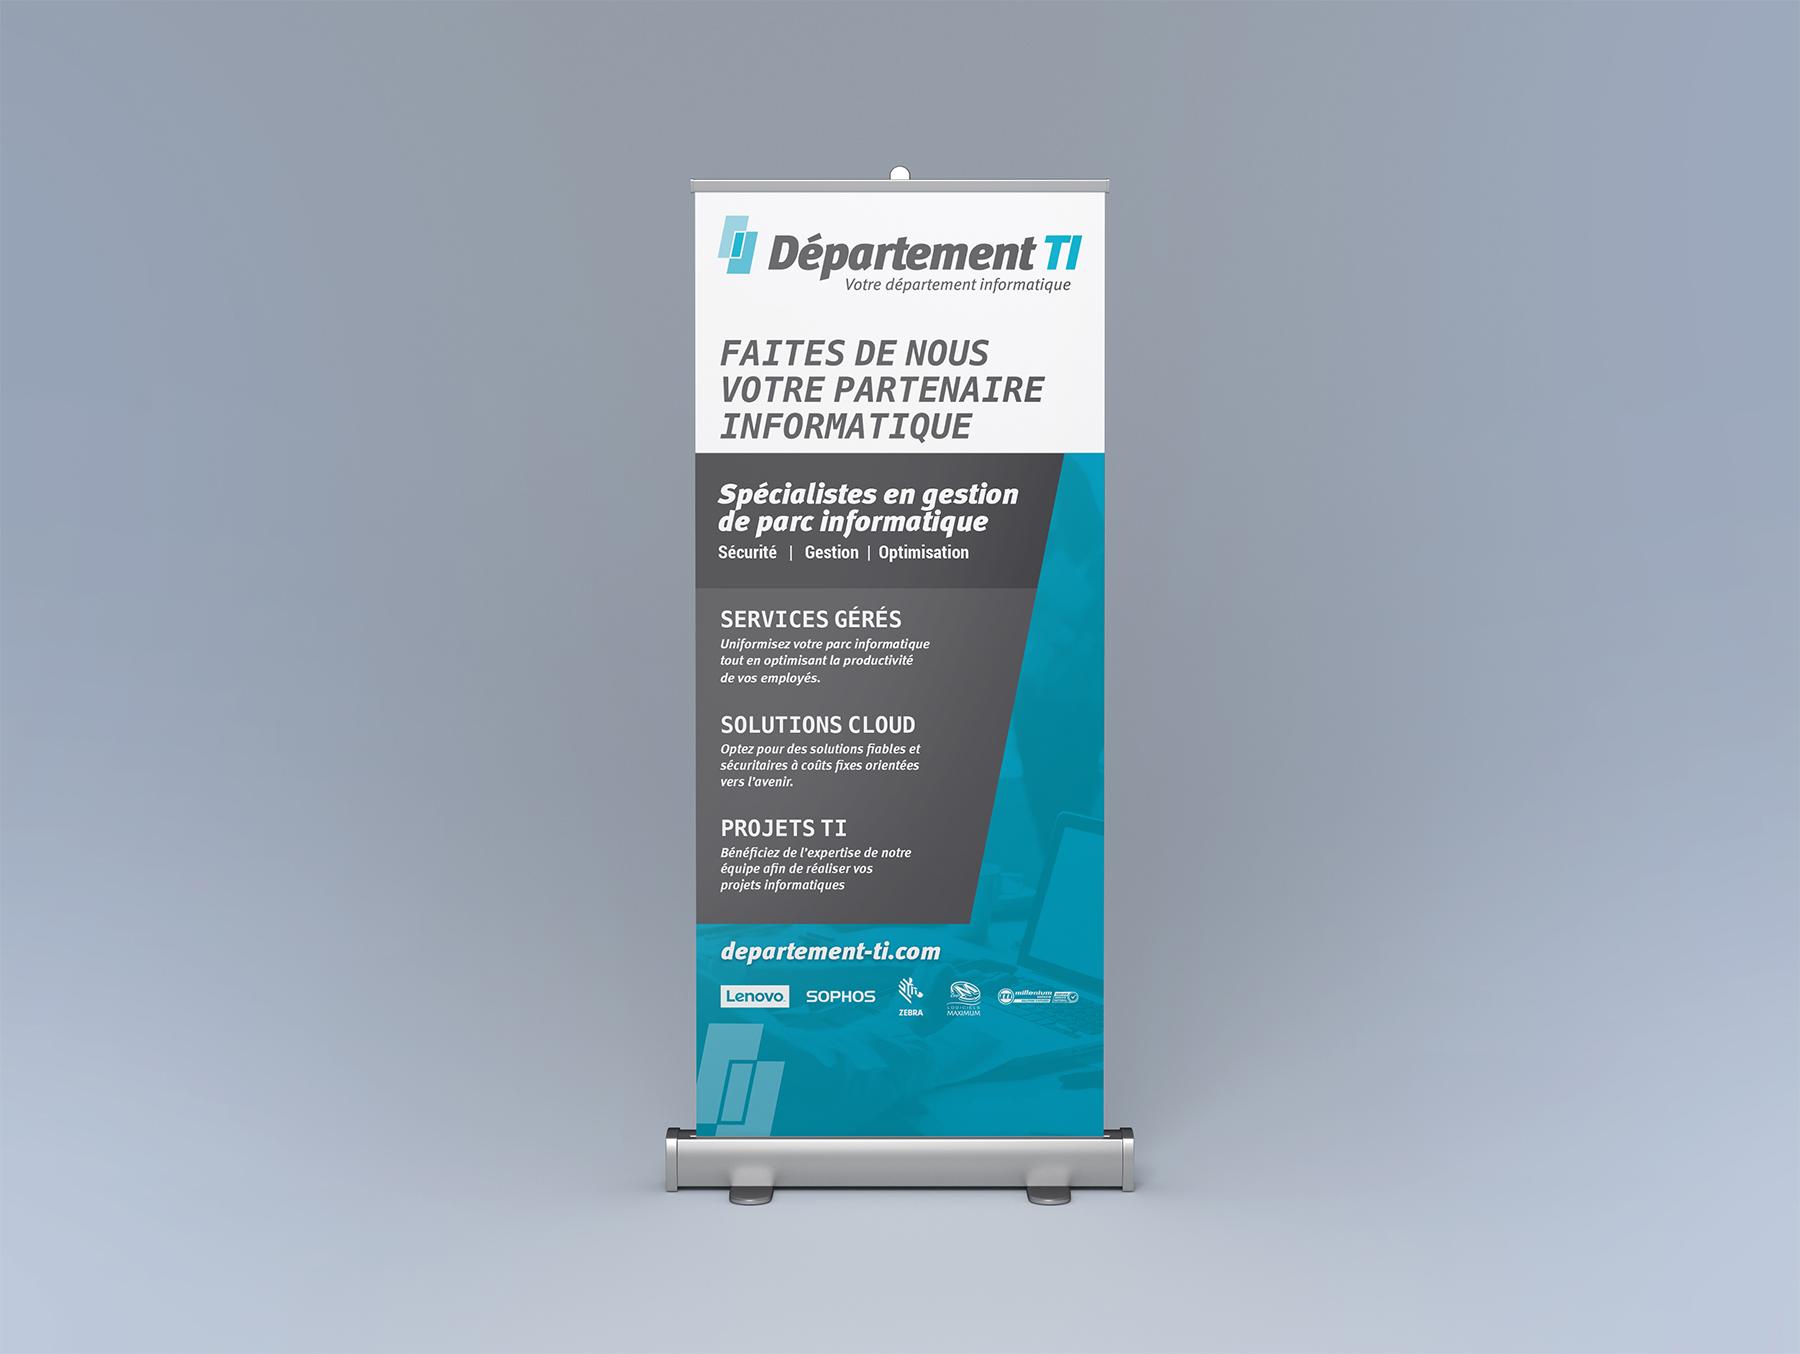 Affiche rétractable (roll-up) pour Département TI